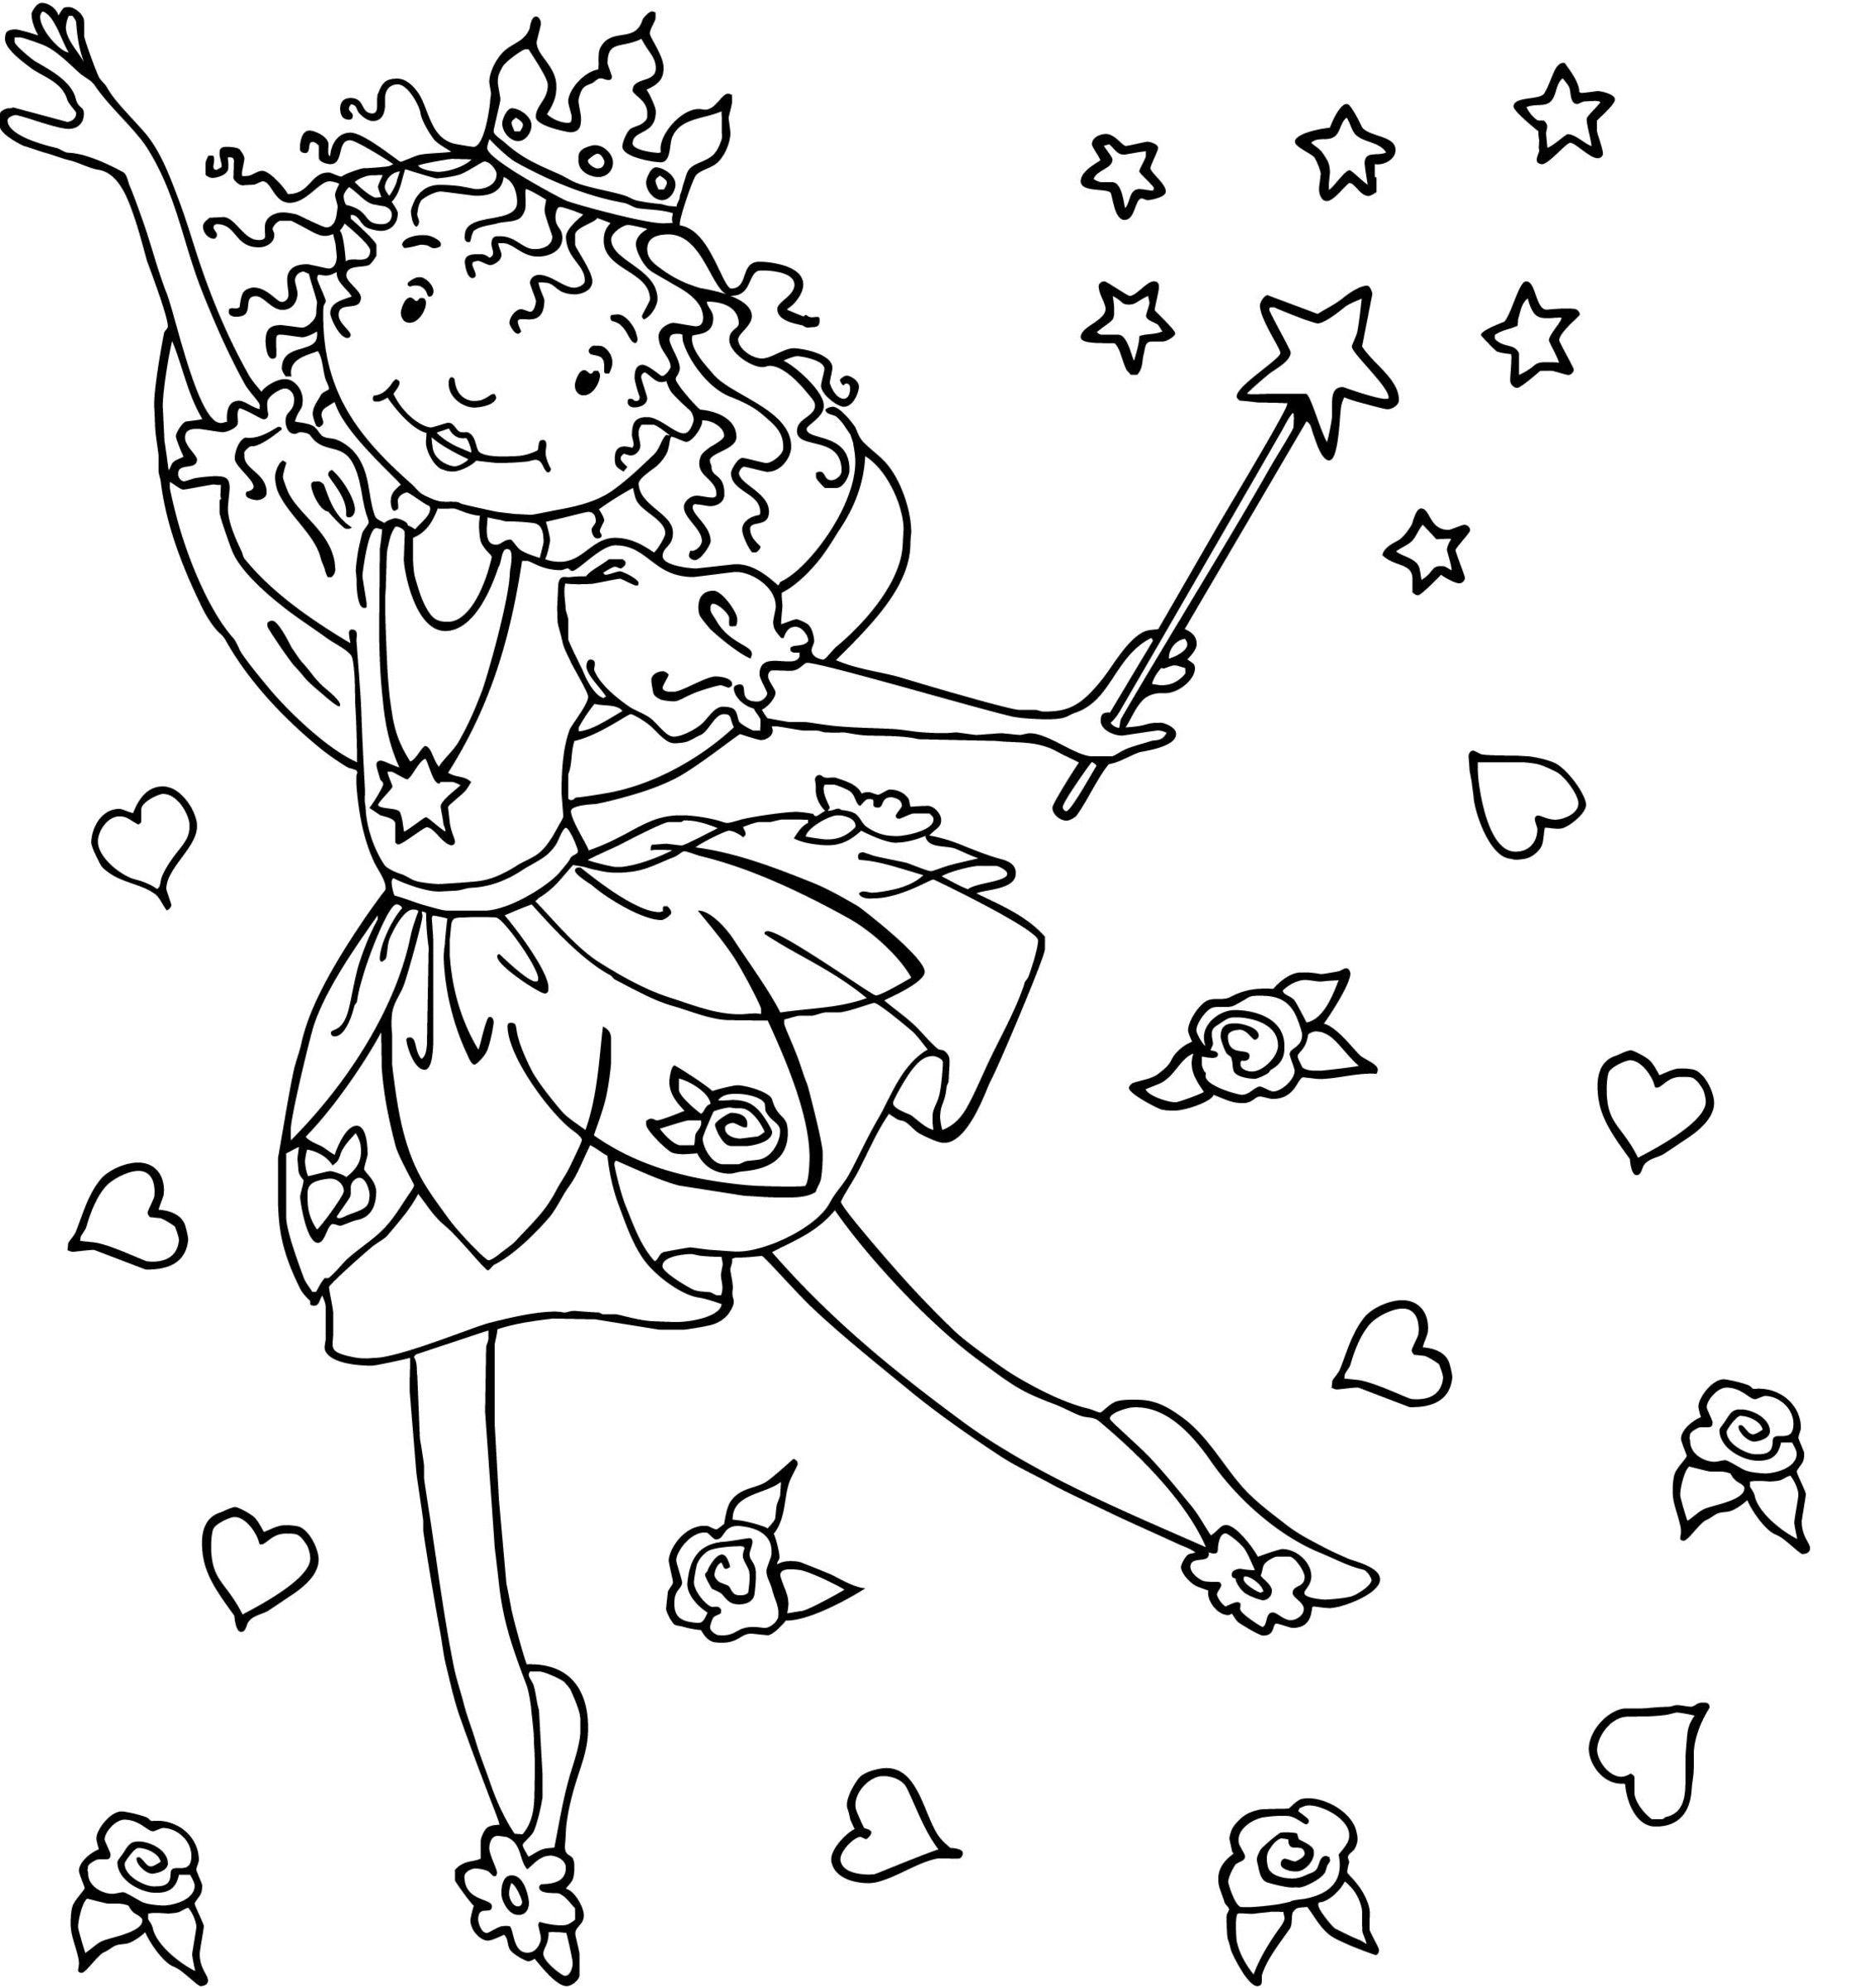 Ausmalbild Lillifee (Mit Bildern)   Ausmalbilder ganzes Gratis Malvorlagen Prinzessin Lillifee